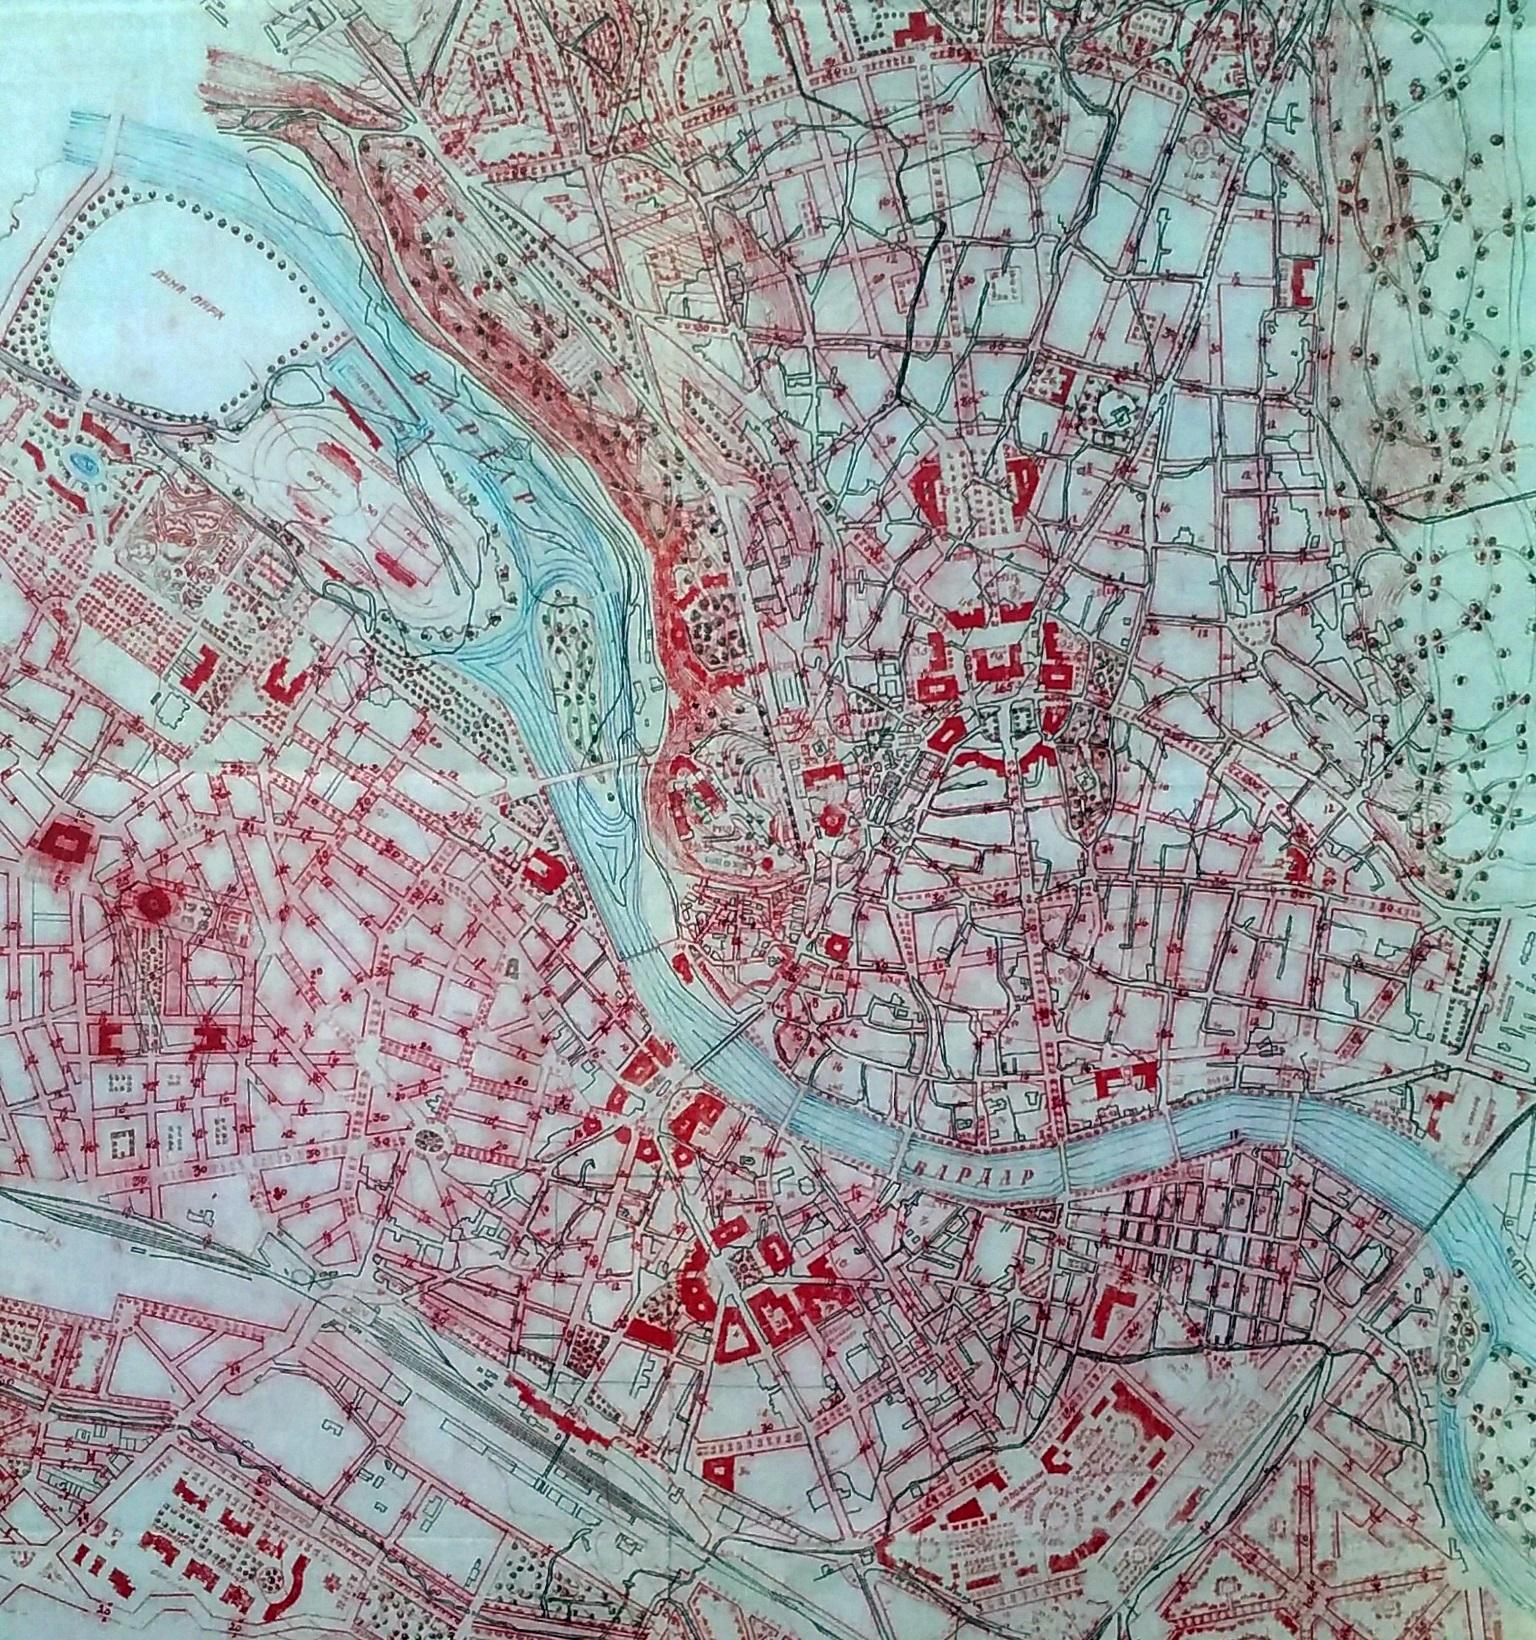 урбанистички план на скопје јосиф михајлович